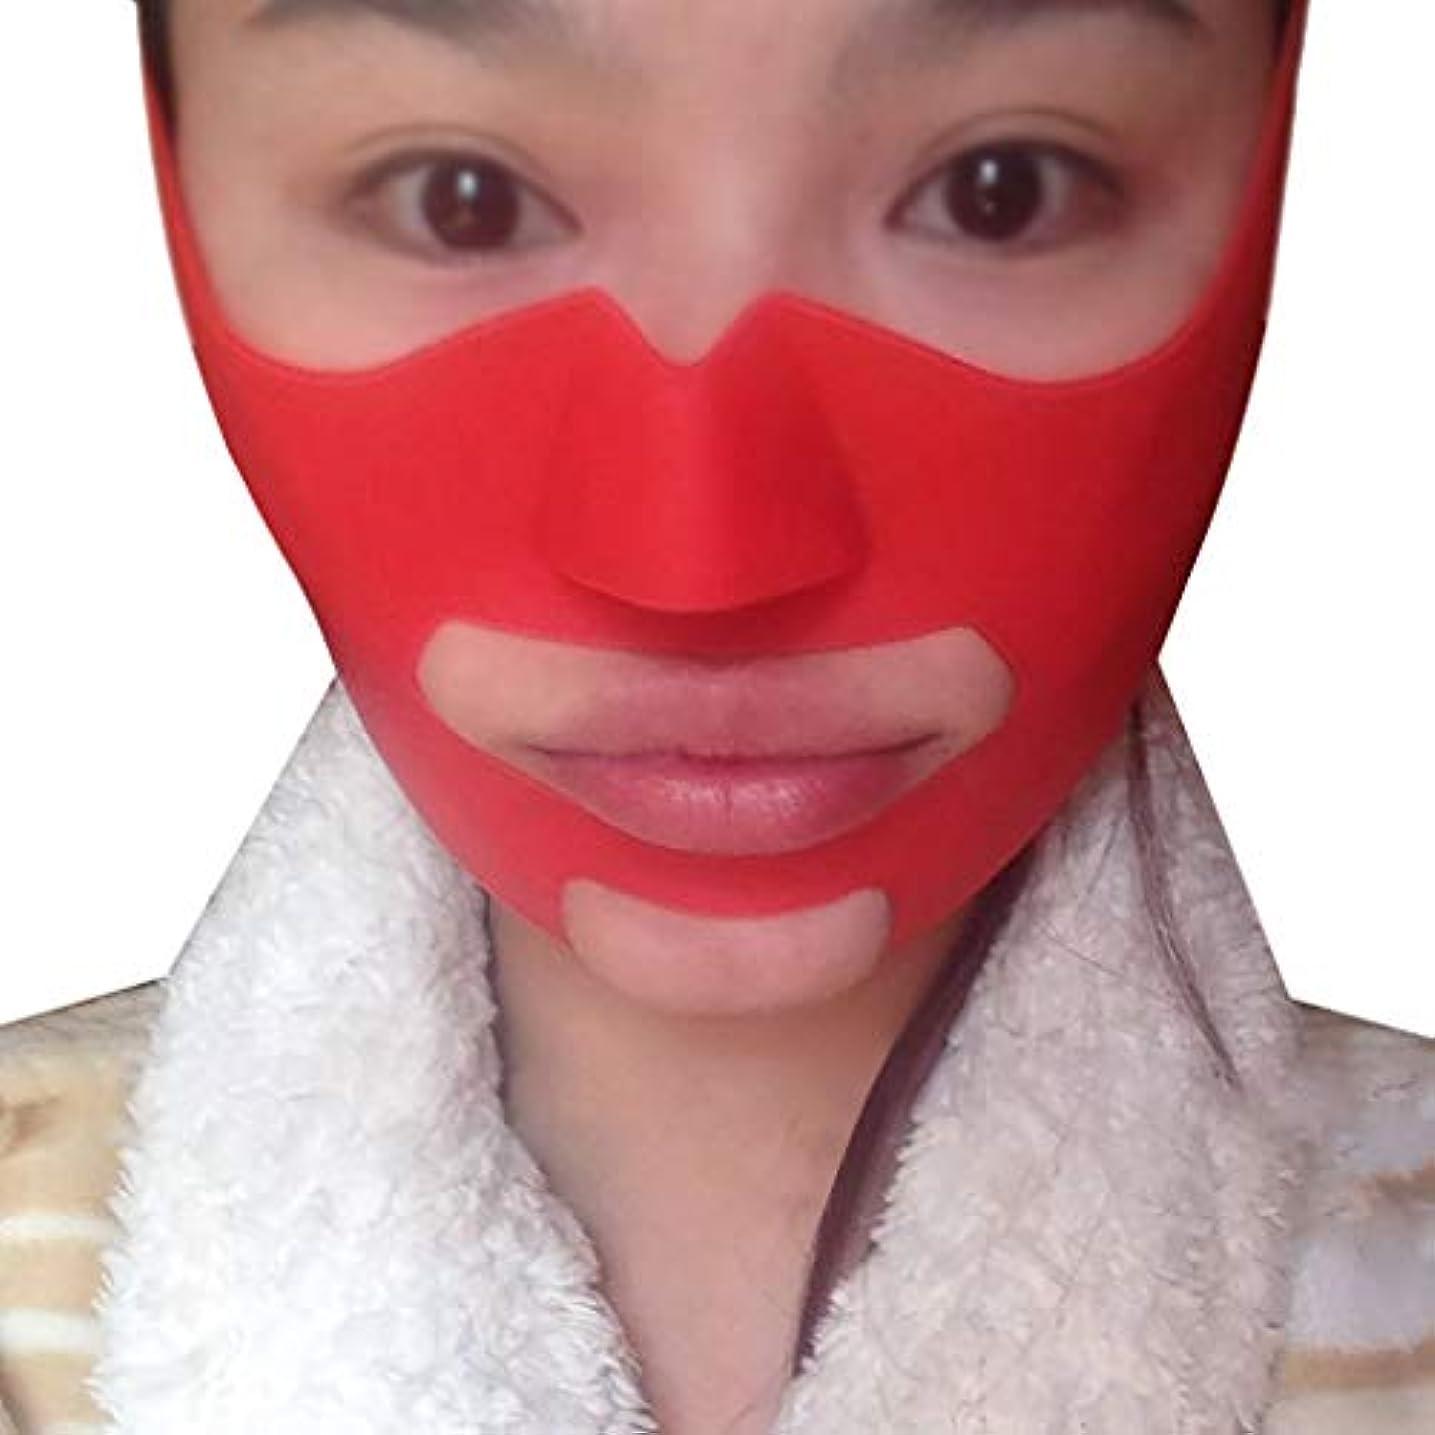 アクティビティ労苦グレードGLJJQMY 薄いフェイスマスクシリコーンVマスクマスク強い痩身咬合筋肉トレーナーアップル筋肉法令パターンアーティファクト小さなVフェイス包帯薄いフェイスネックリフト 顔用整形マスク